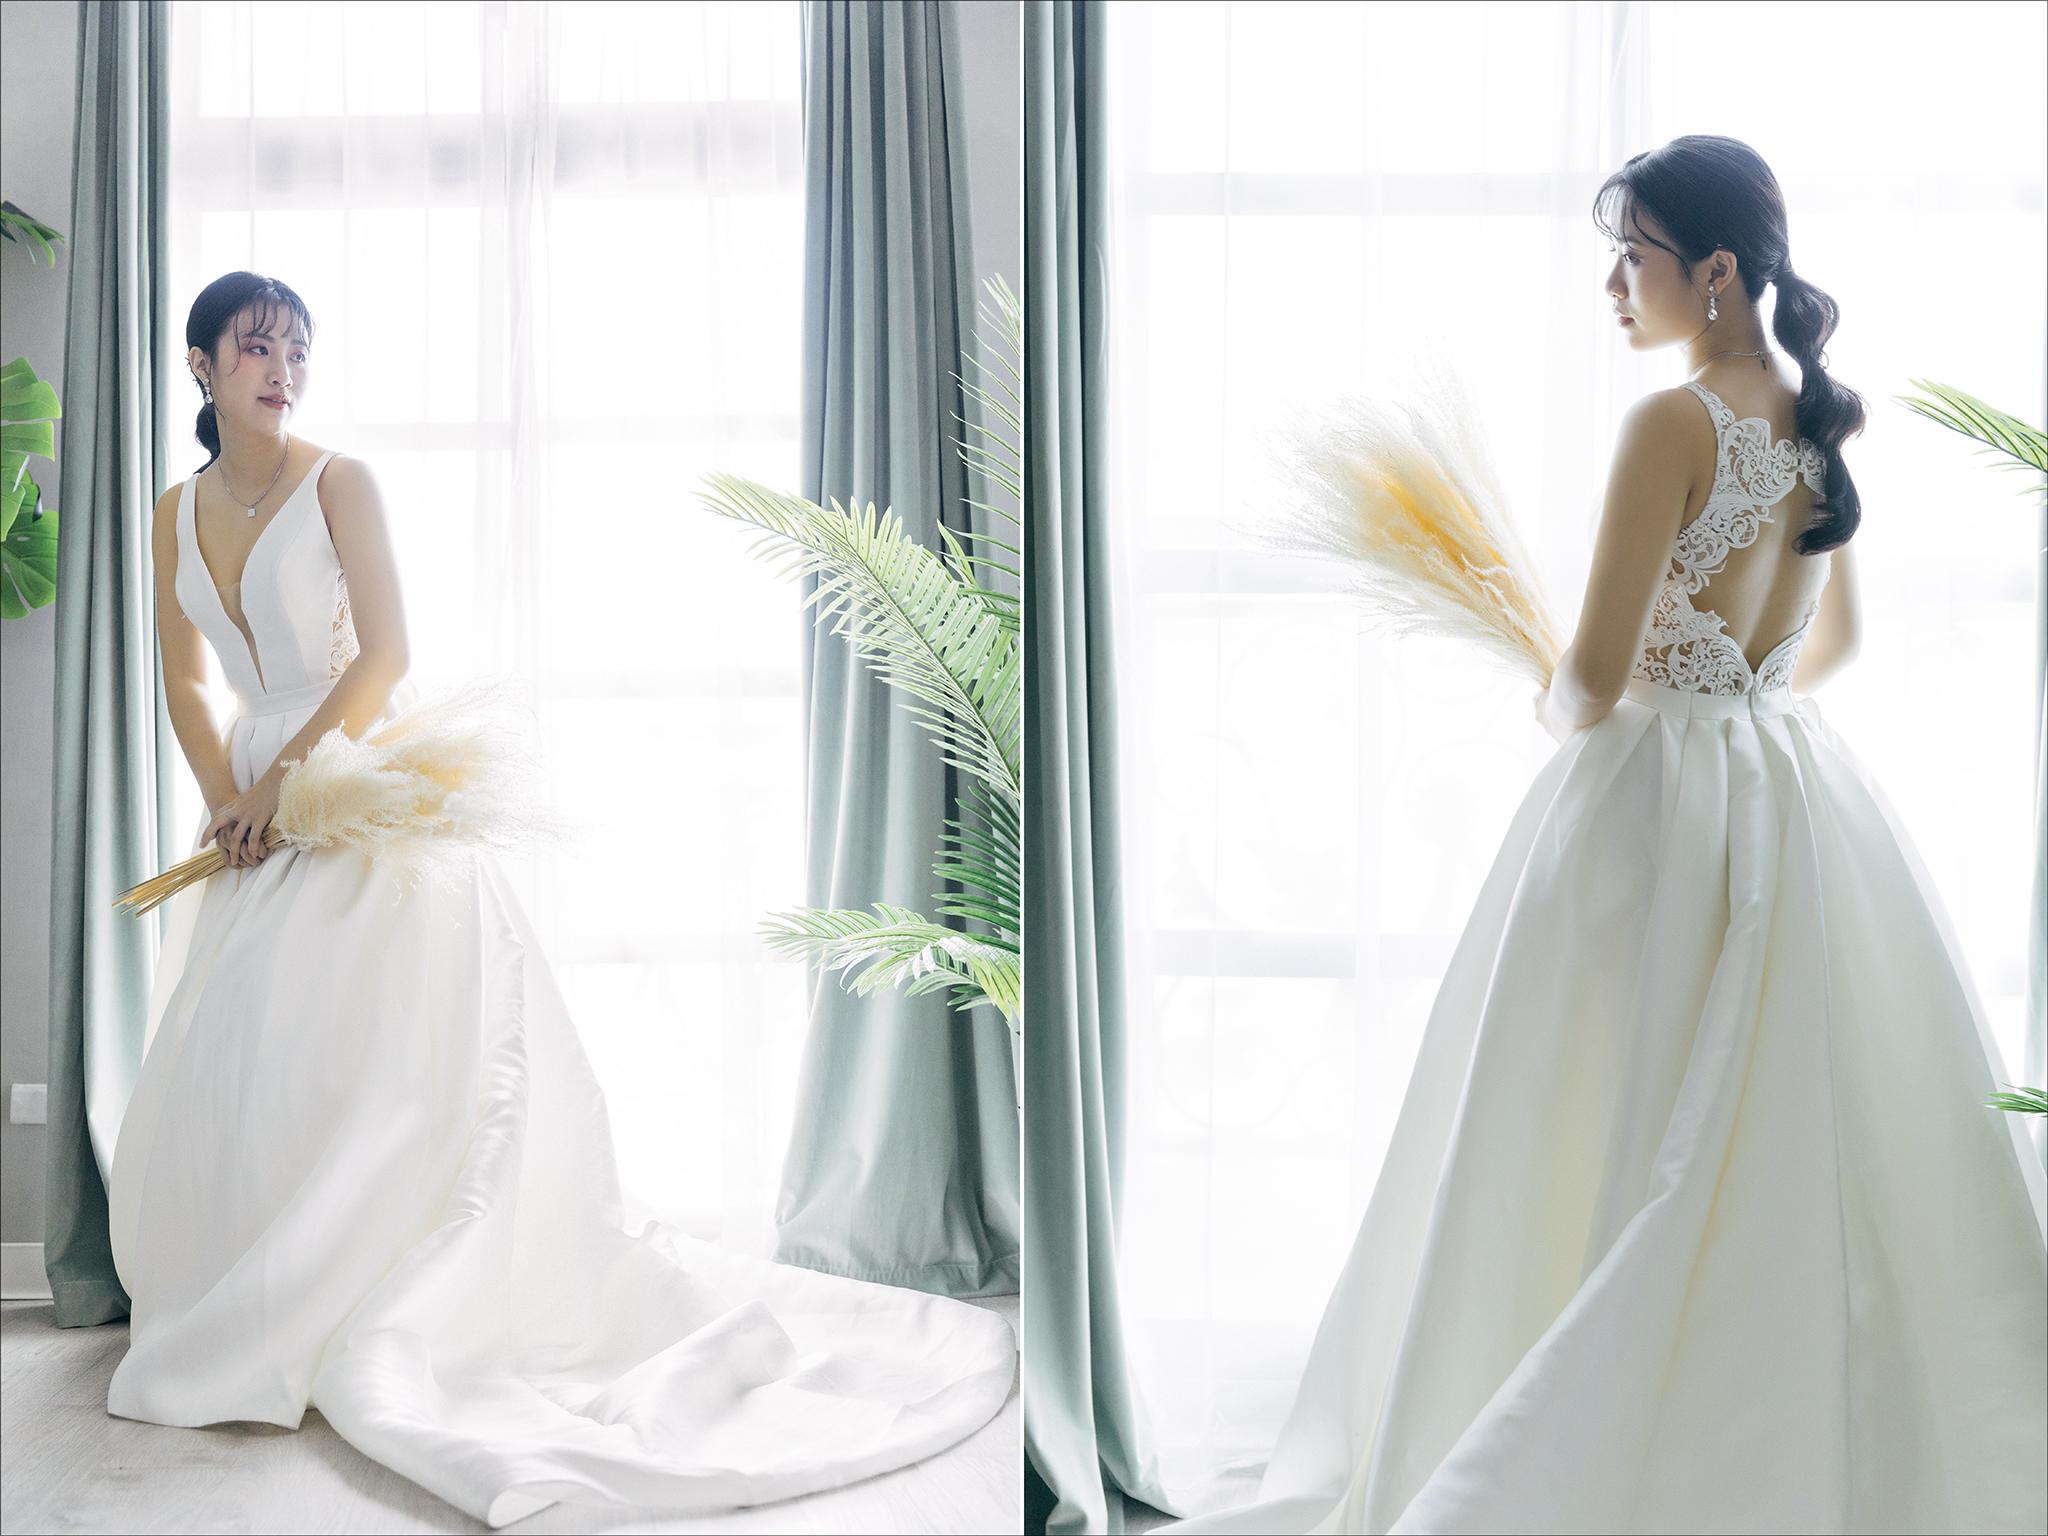 50566852503 63dc2f25bc o - 【自主婚紗】+老羅+